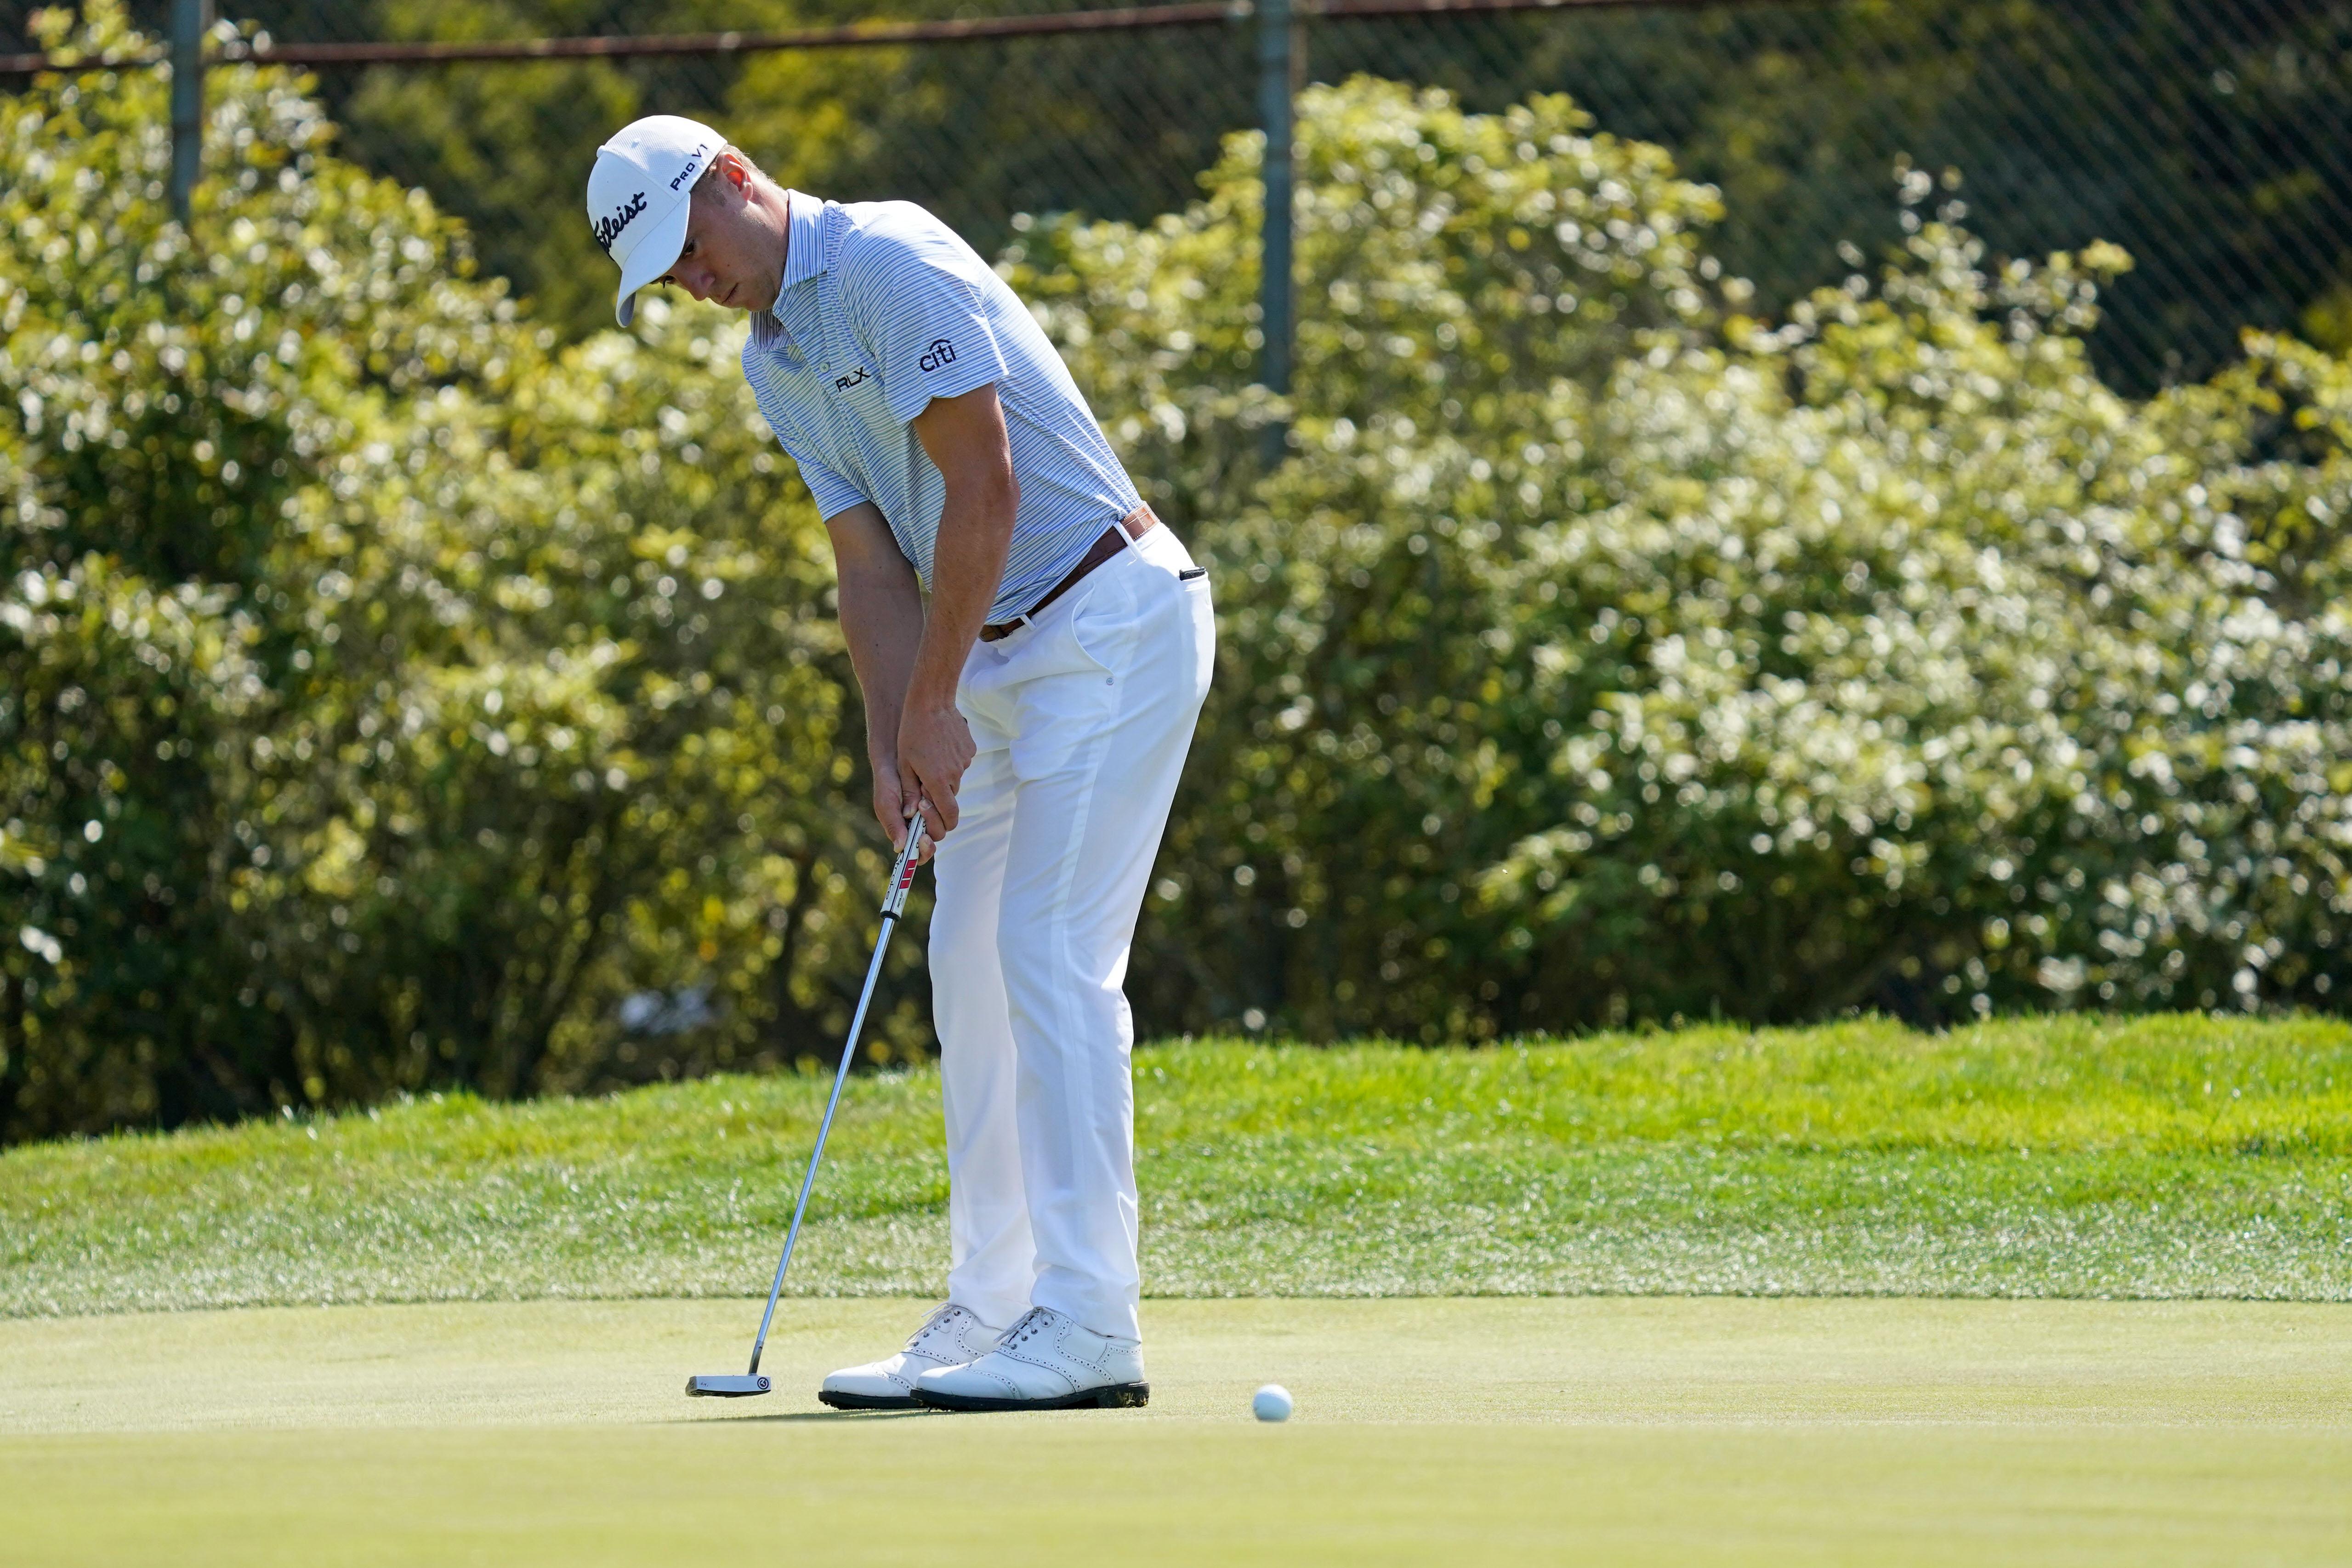 Social Media Reacts To Justin Thomas Dropping An F Bomb At The Pga Golfmagic